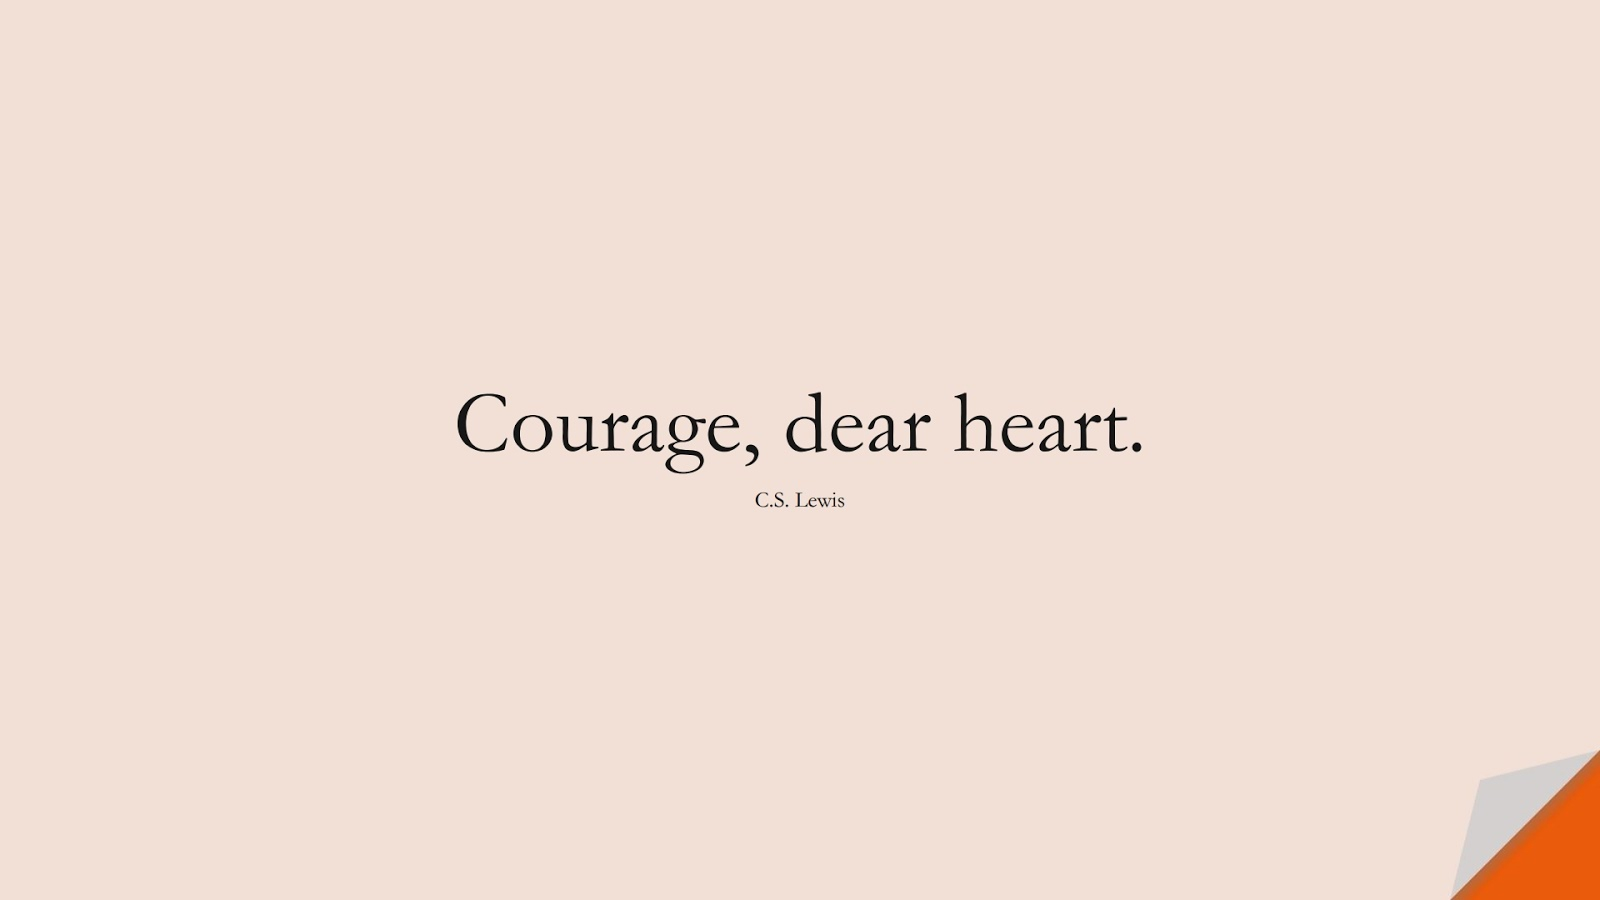 Courage, dear heart. (C.S. Lewis);  #ShortQuotes